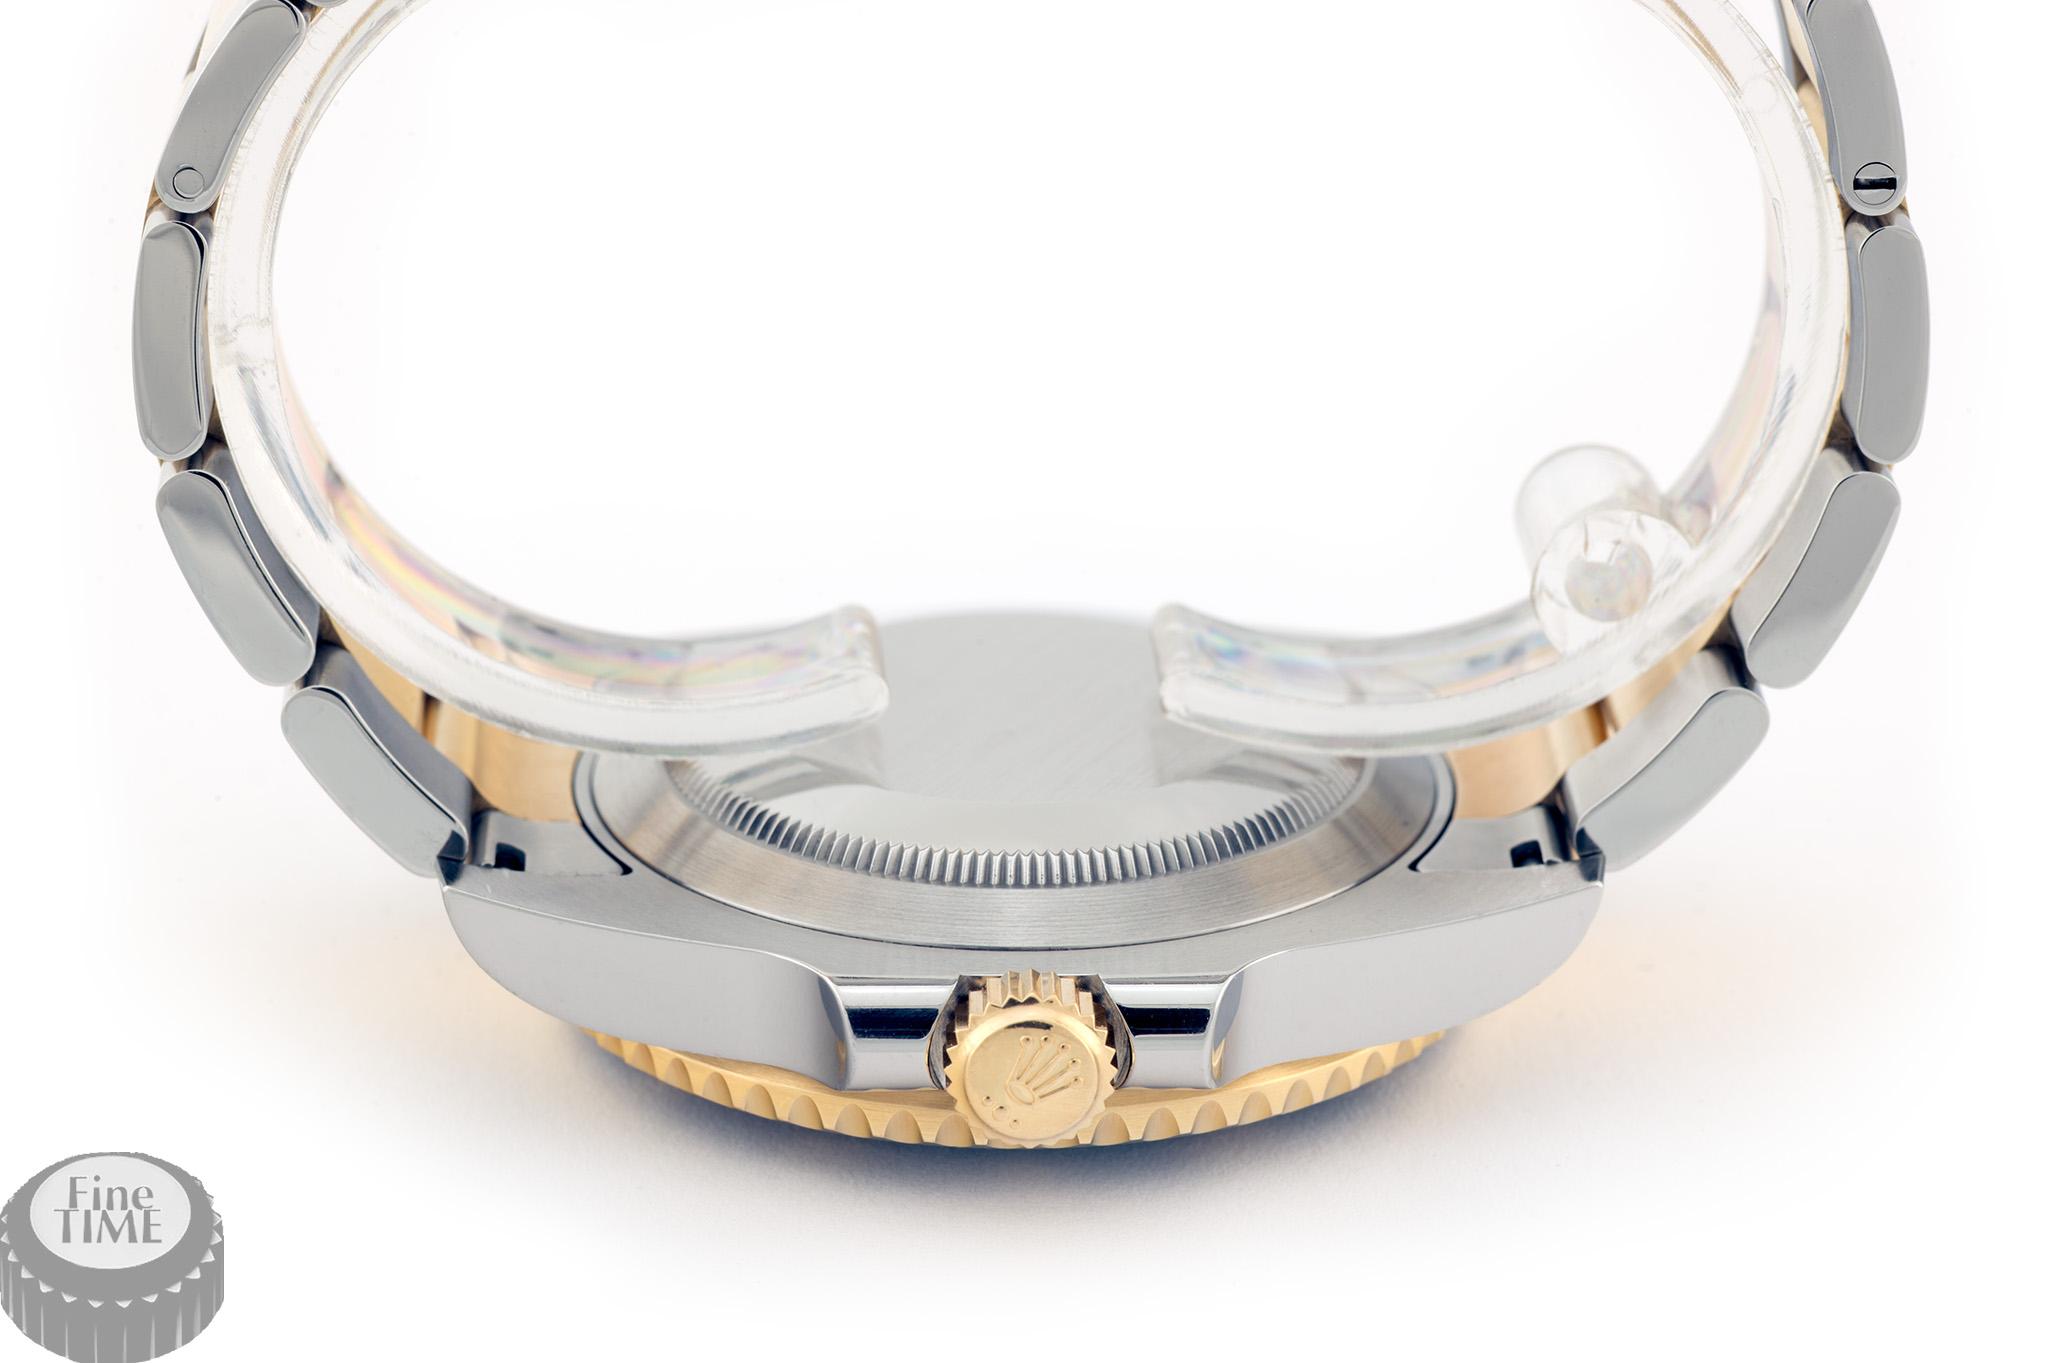 Rolex Submariner 116613LN crown